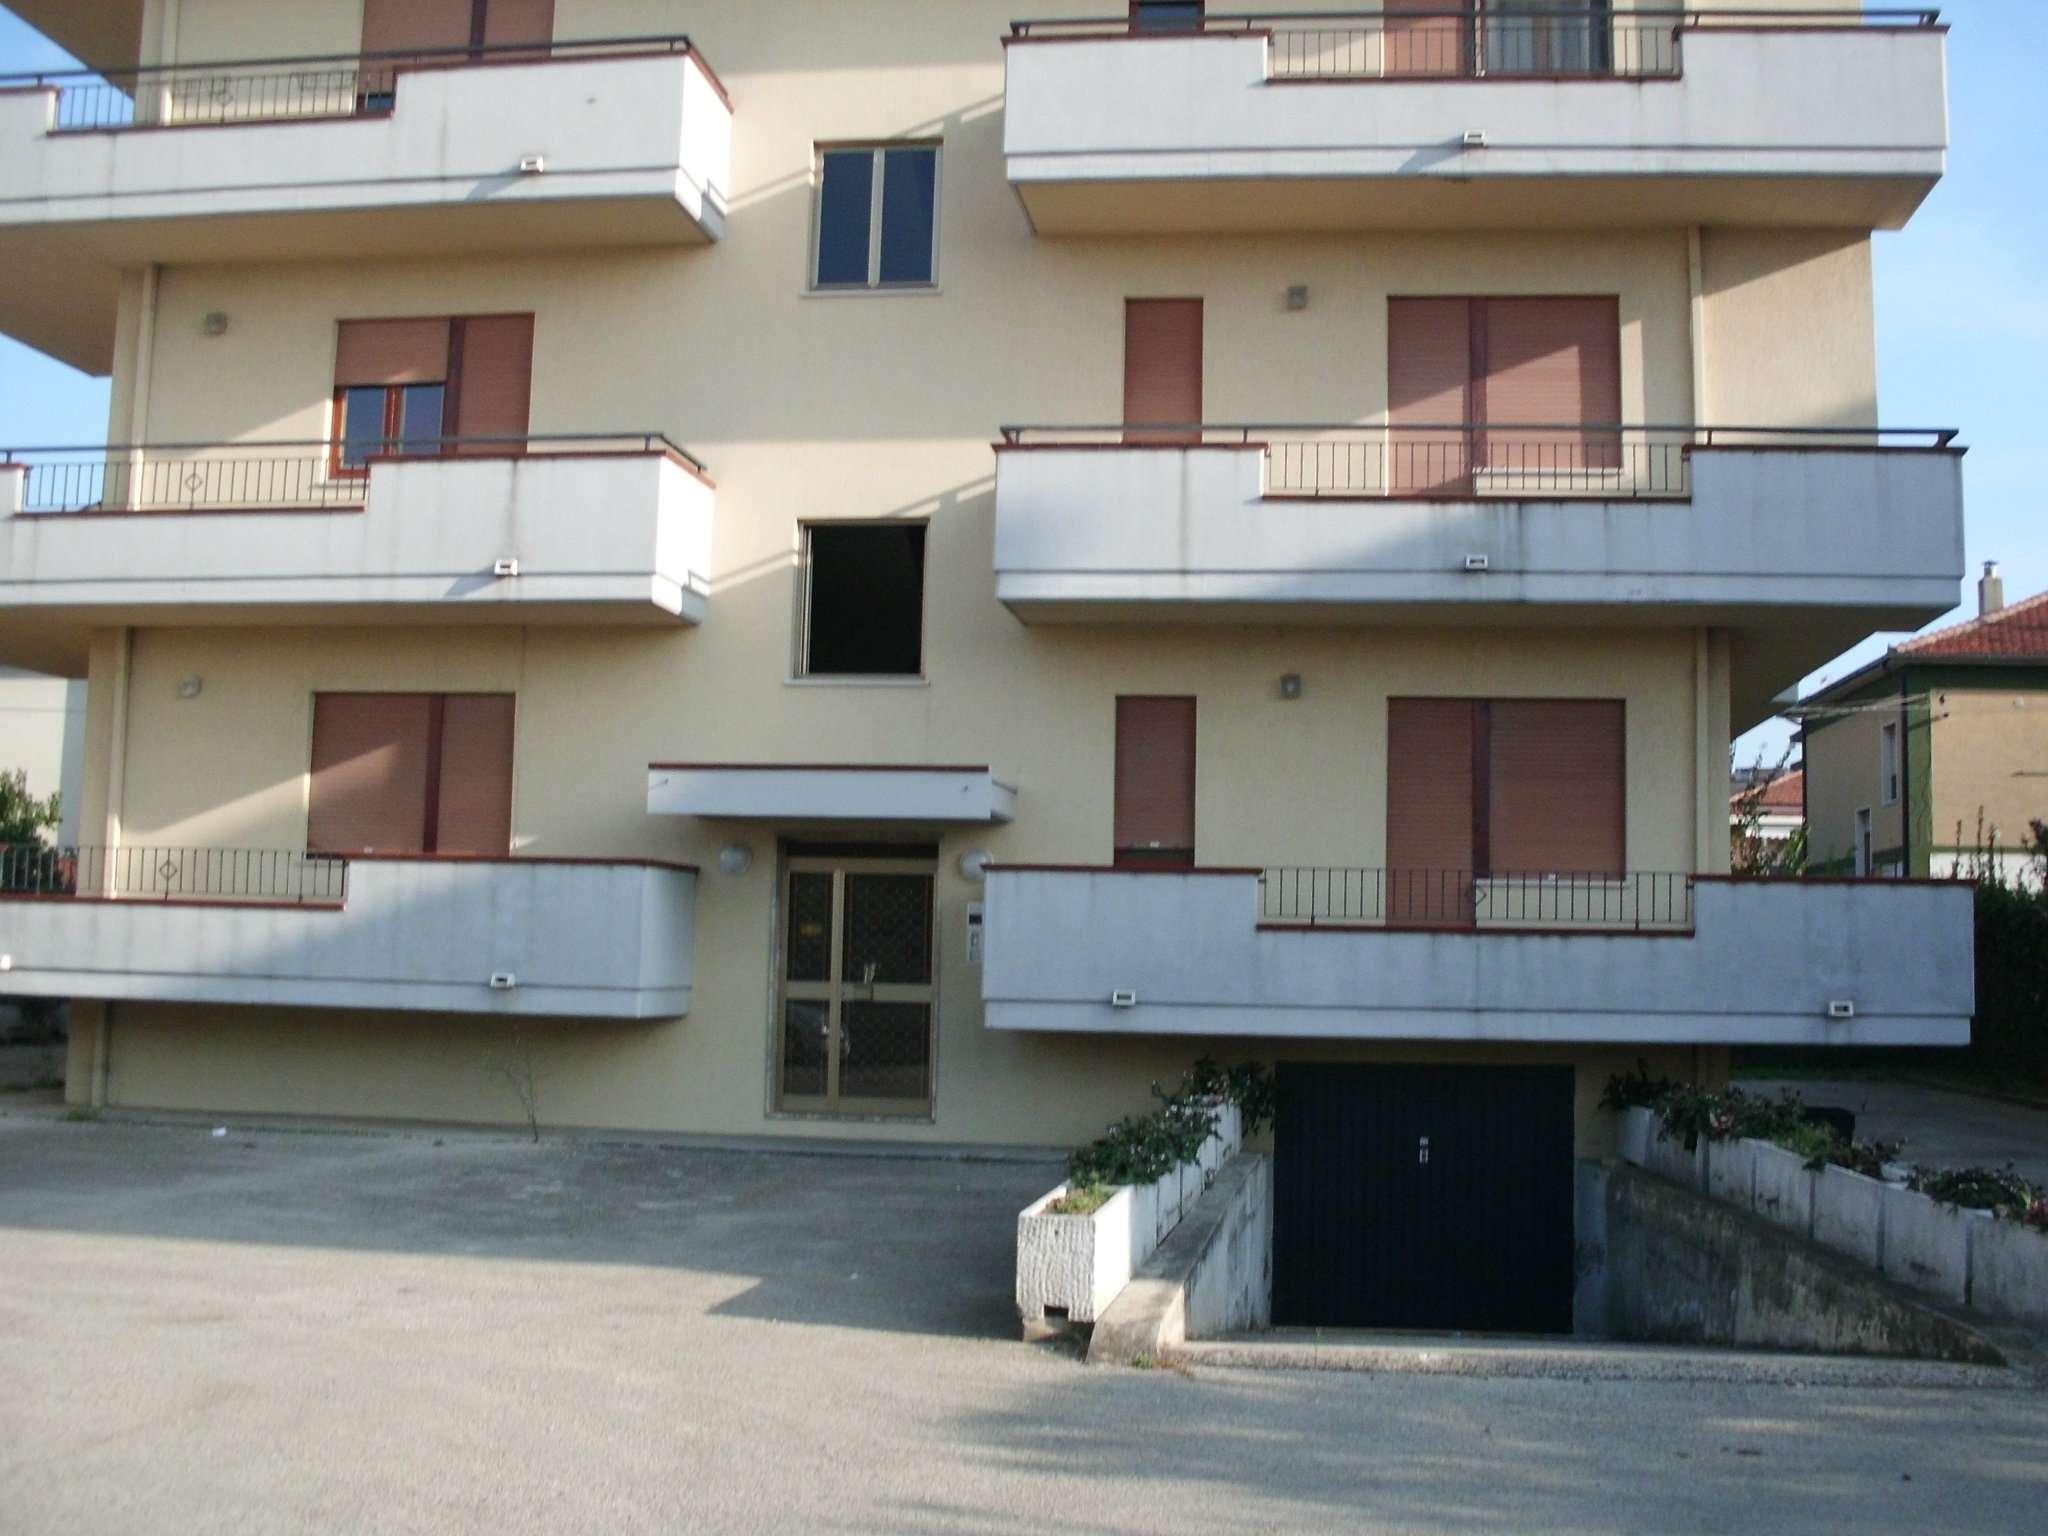 Appartamento in affitto a Montesilvano, 5 locali, prezzo € 600 | CambioCasa.it